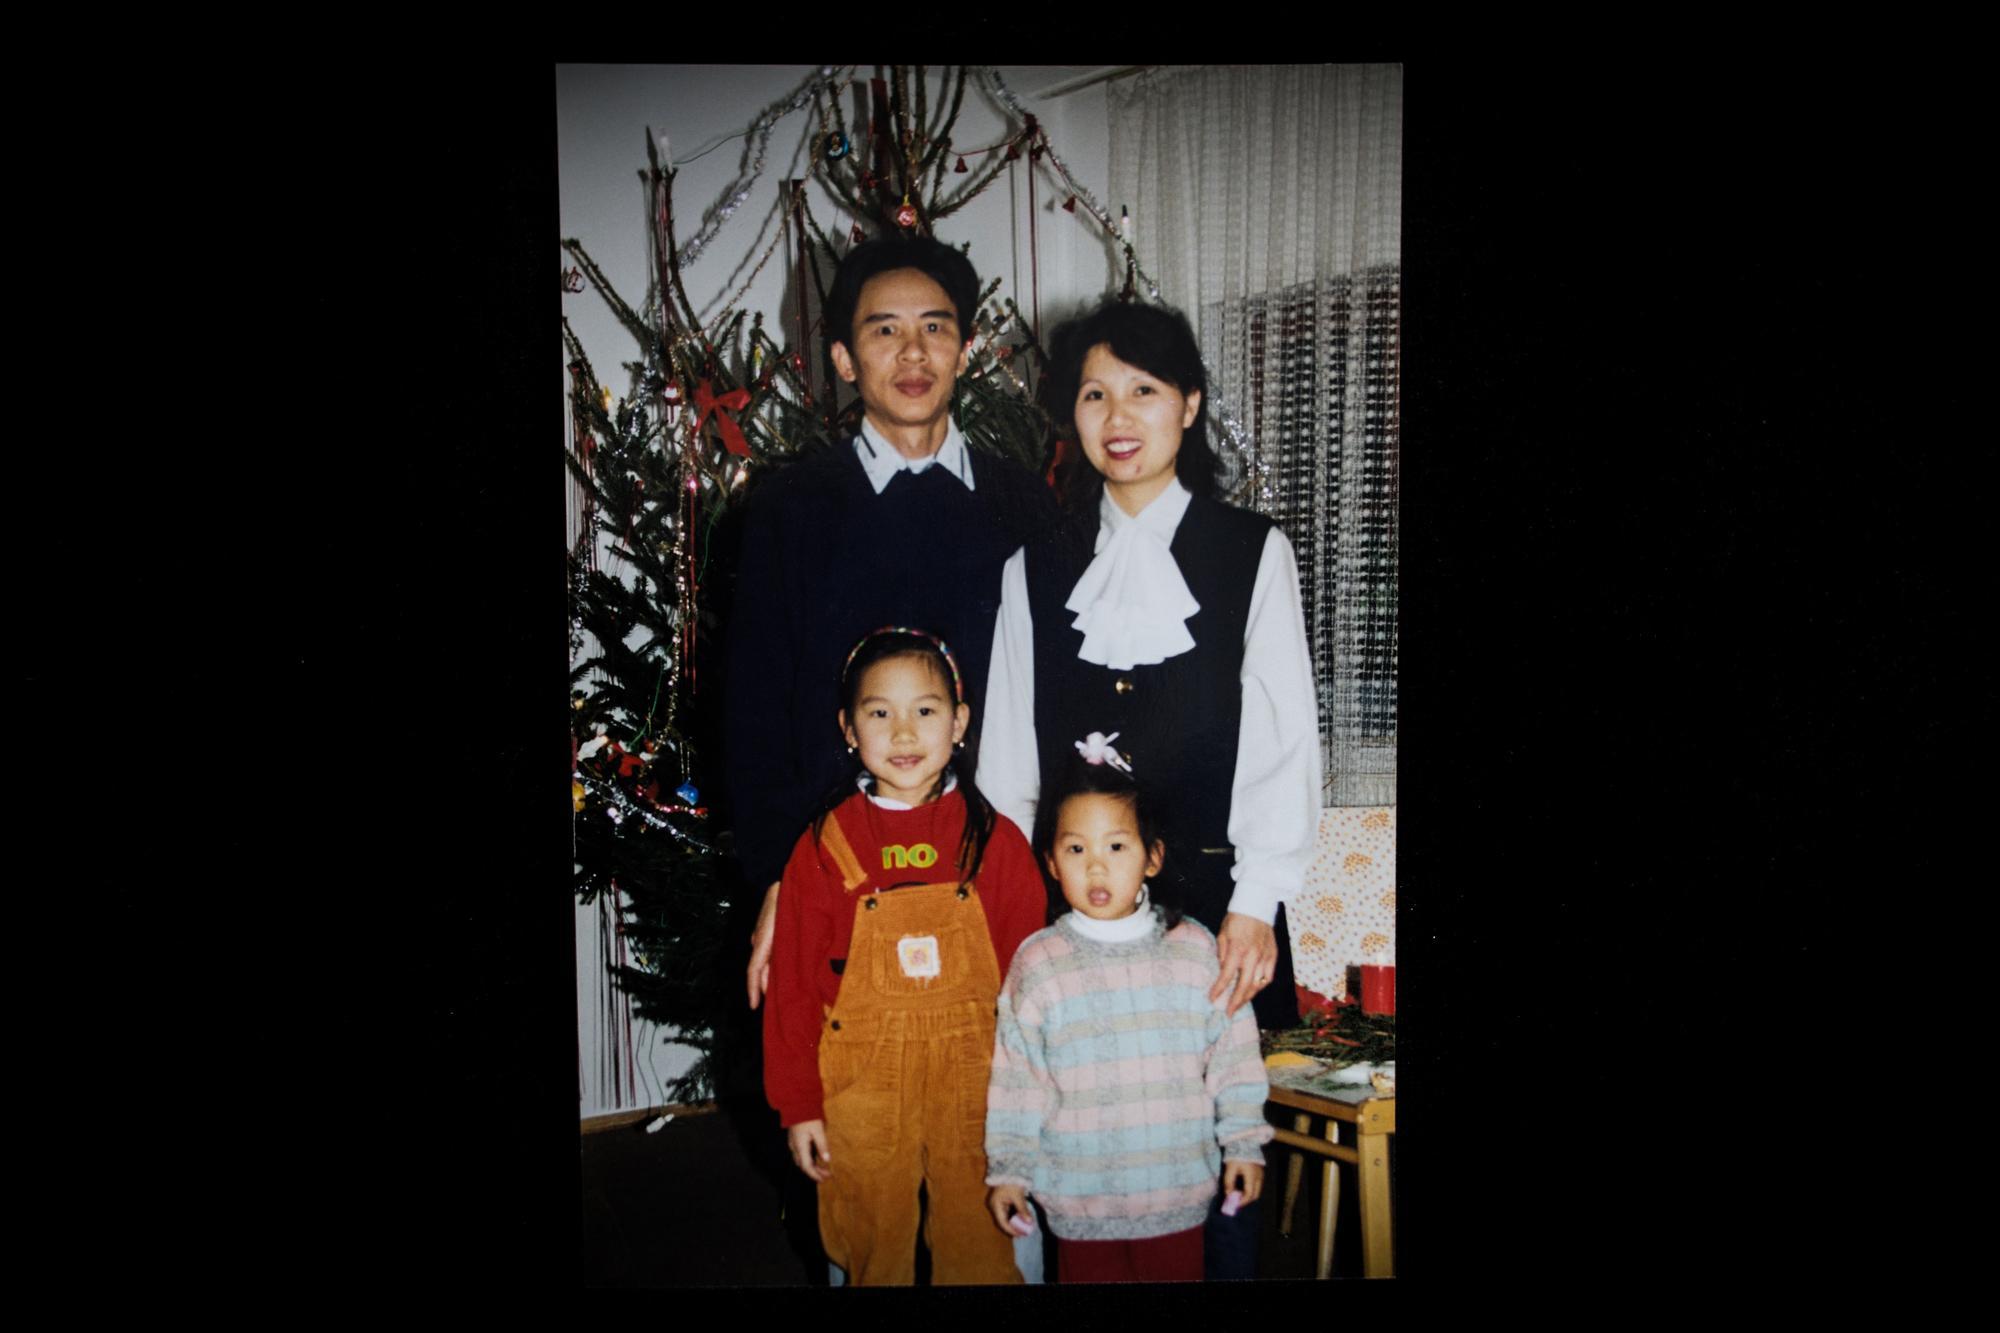 asylbewerber-deutschland-abschiebung-freiheit-vietnam-familiedamals